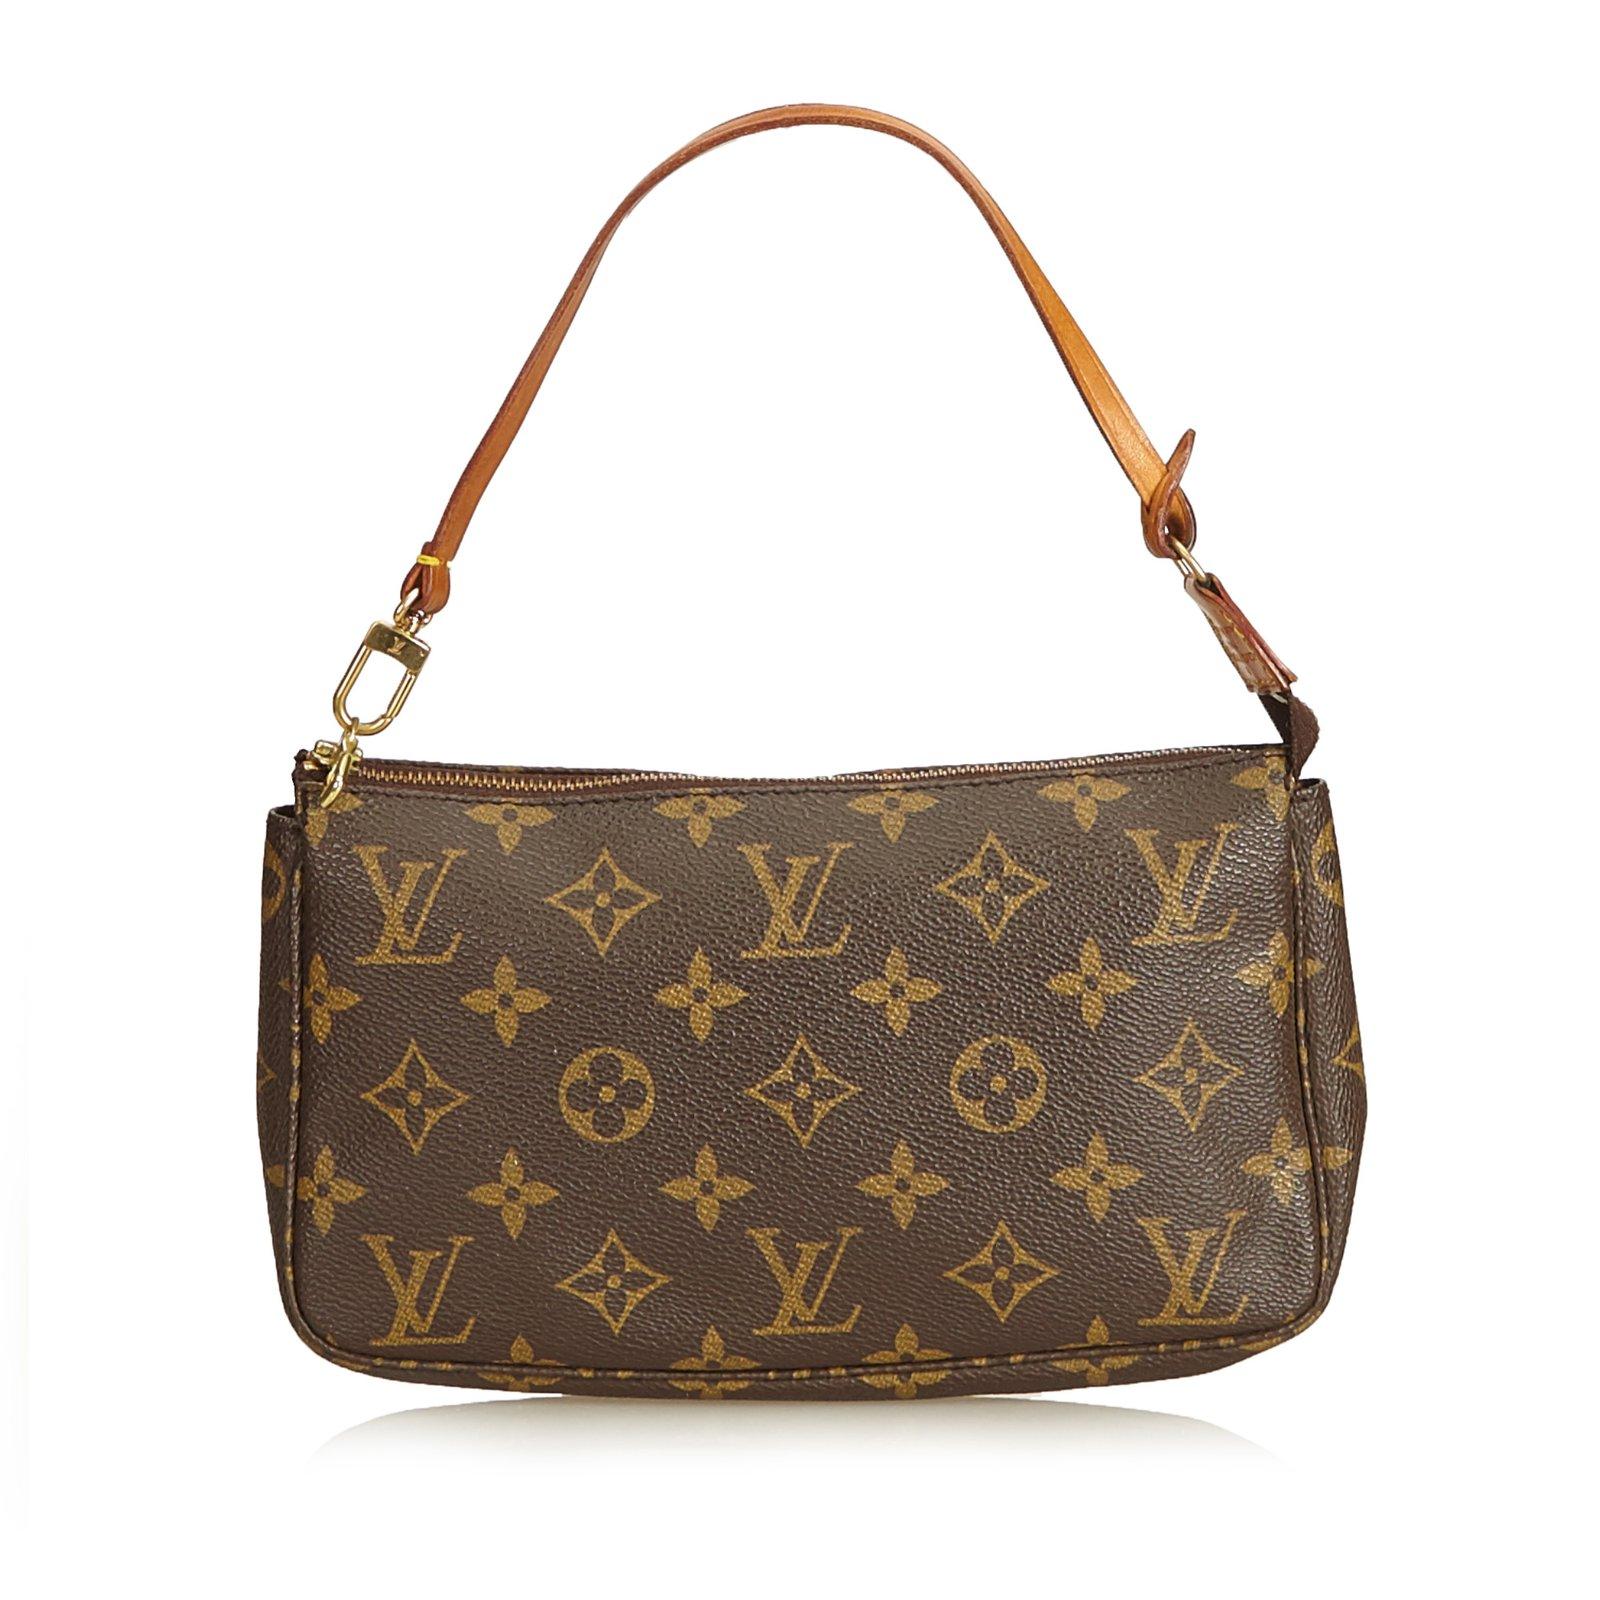 56bc21063d Sacs à main Louis Vuitton Monogram Pochette Accessoires Cuir,Toile Marron  ref.92139 ...